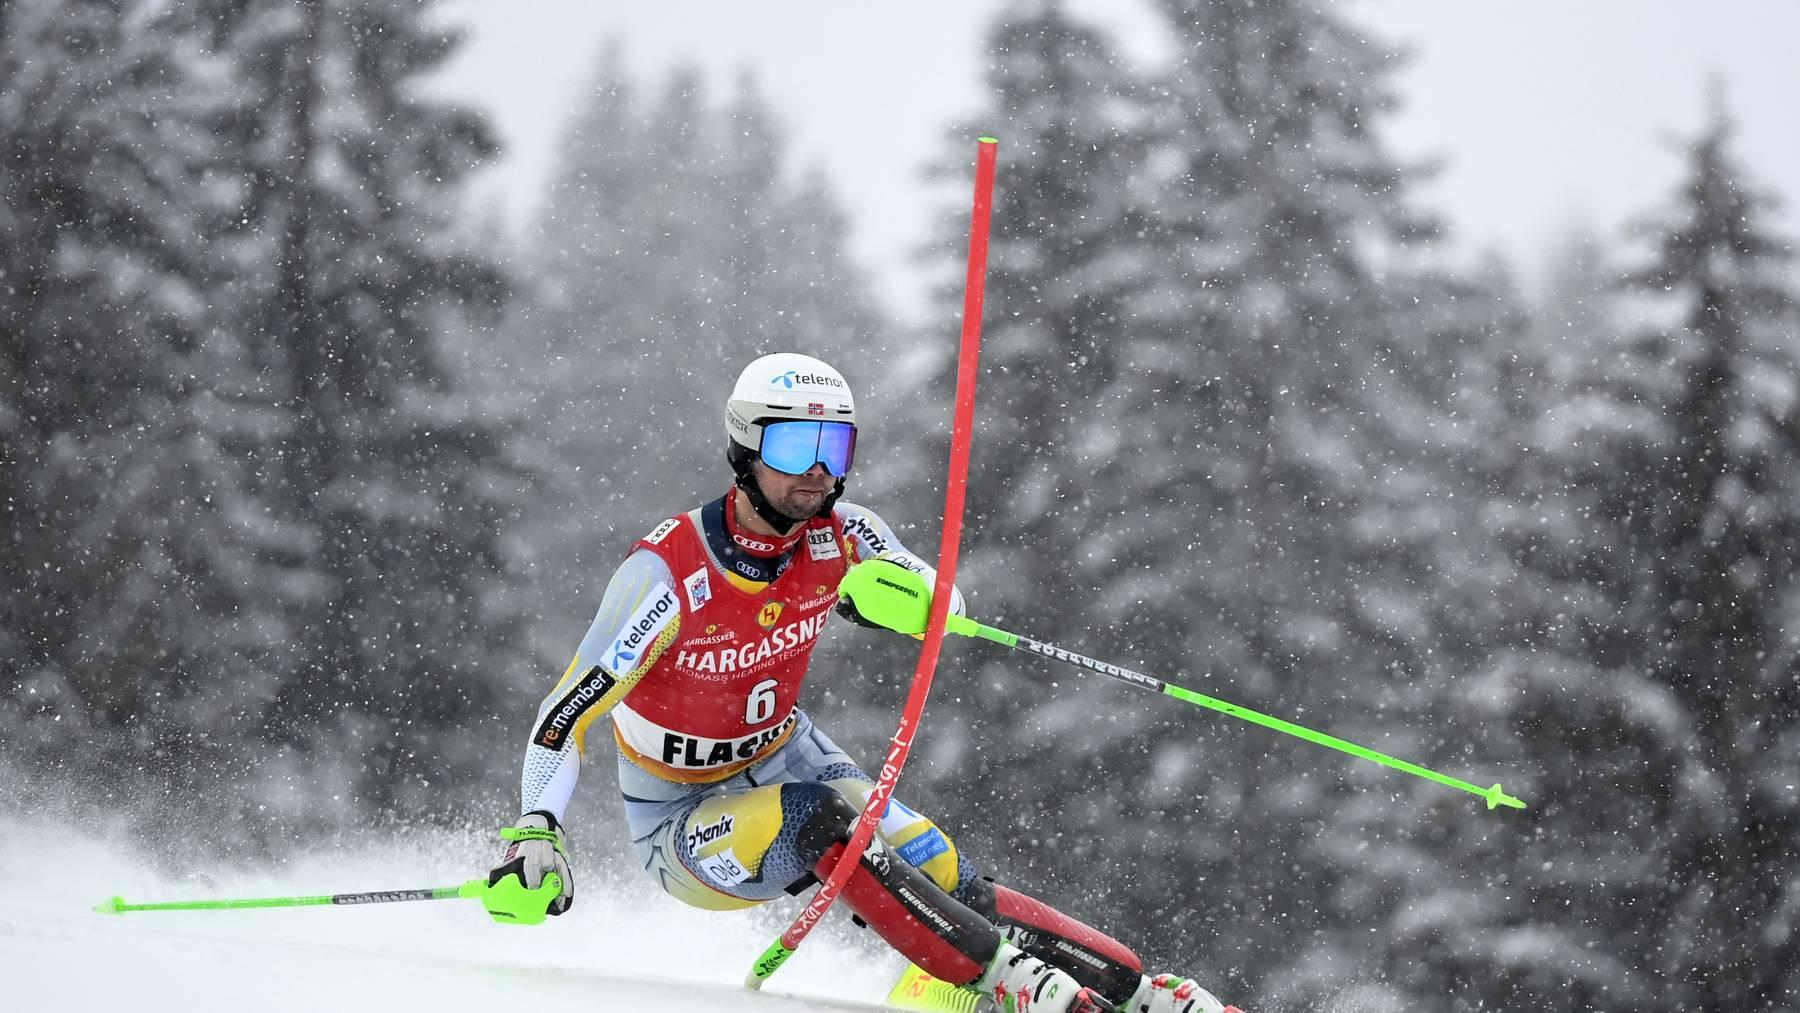 Der Norweger Sebastian Foss-Solevaag kann seinen ersten Weltcup-Sieg feiern.